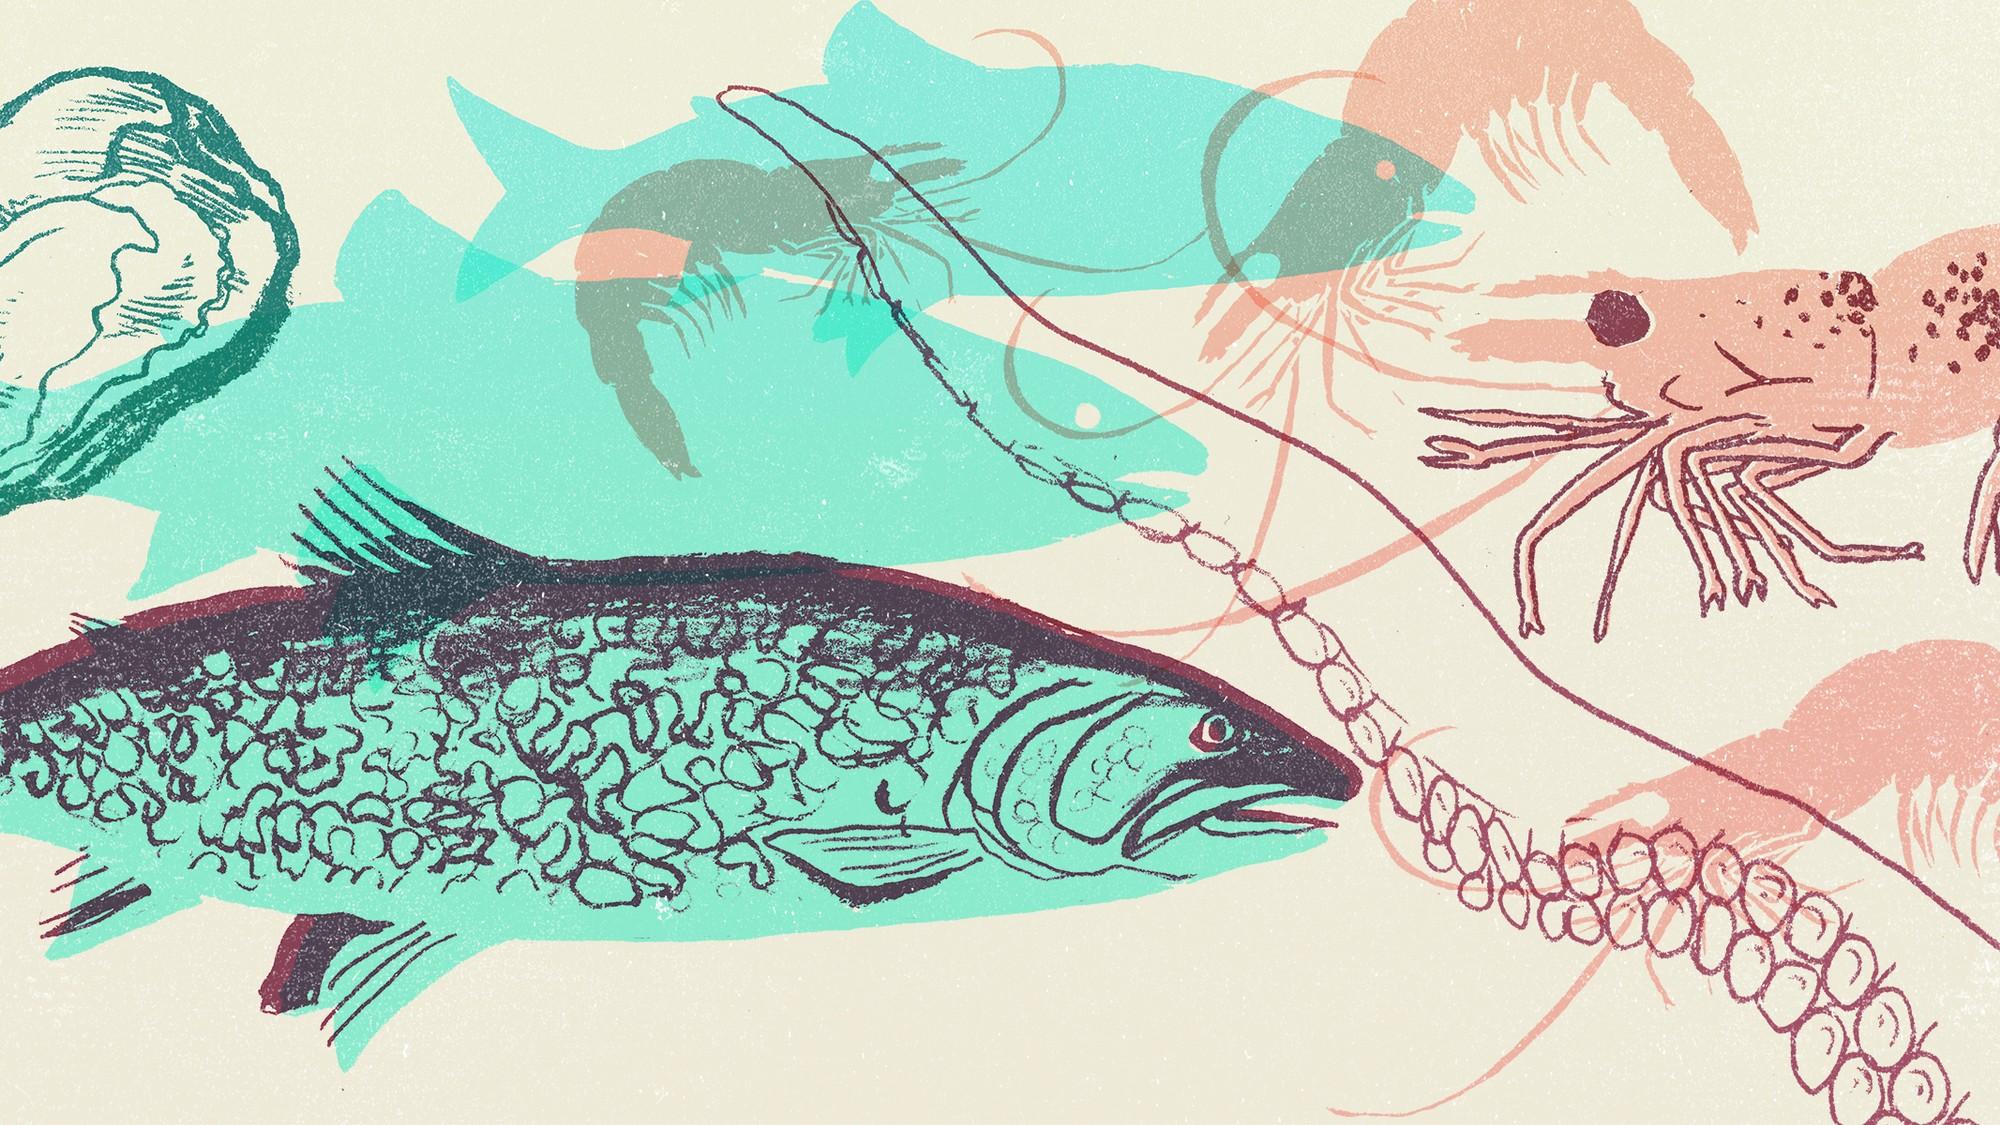 un poisson deux poissons datant Numérologie datant